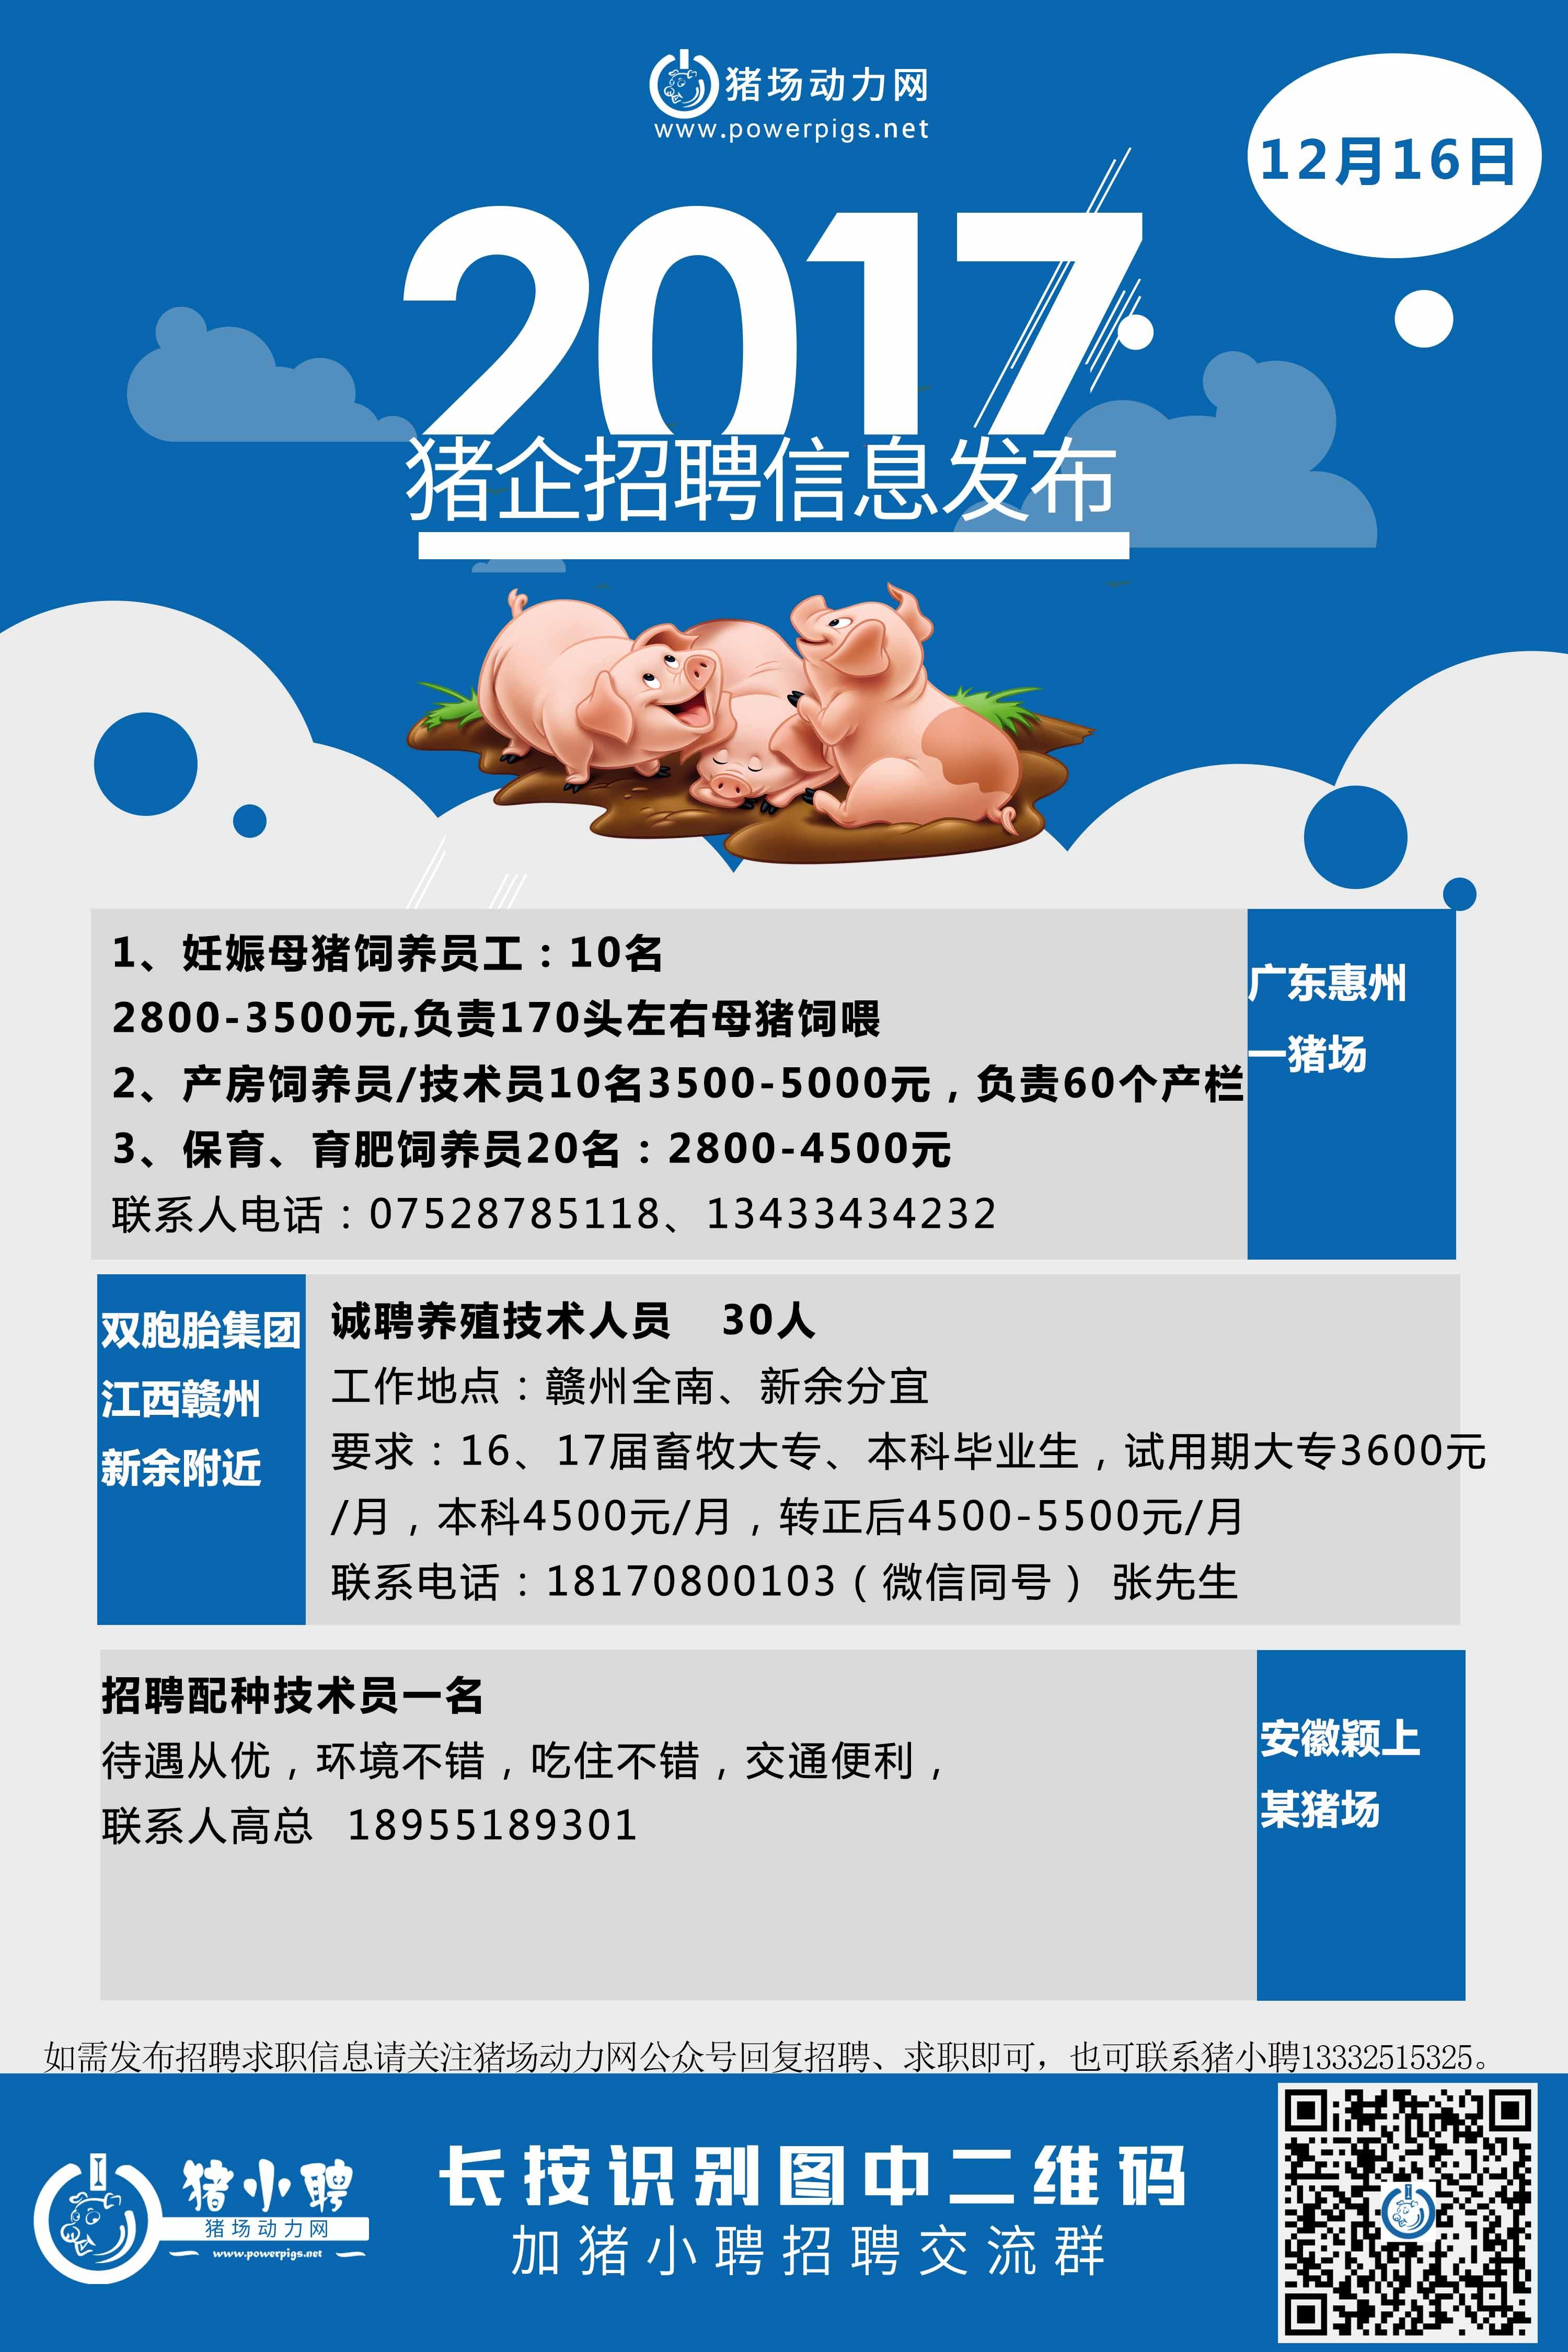 12.16日猪场招聘.jpg